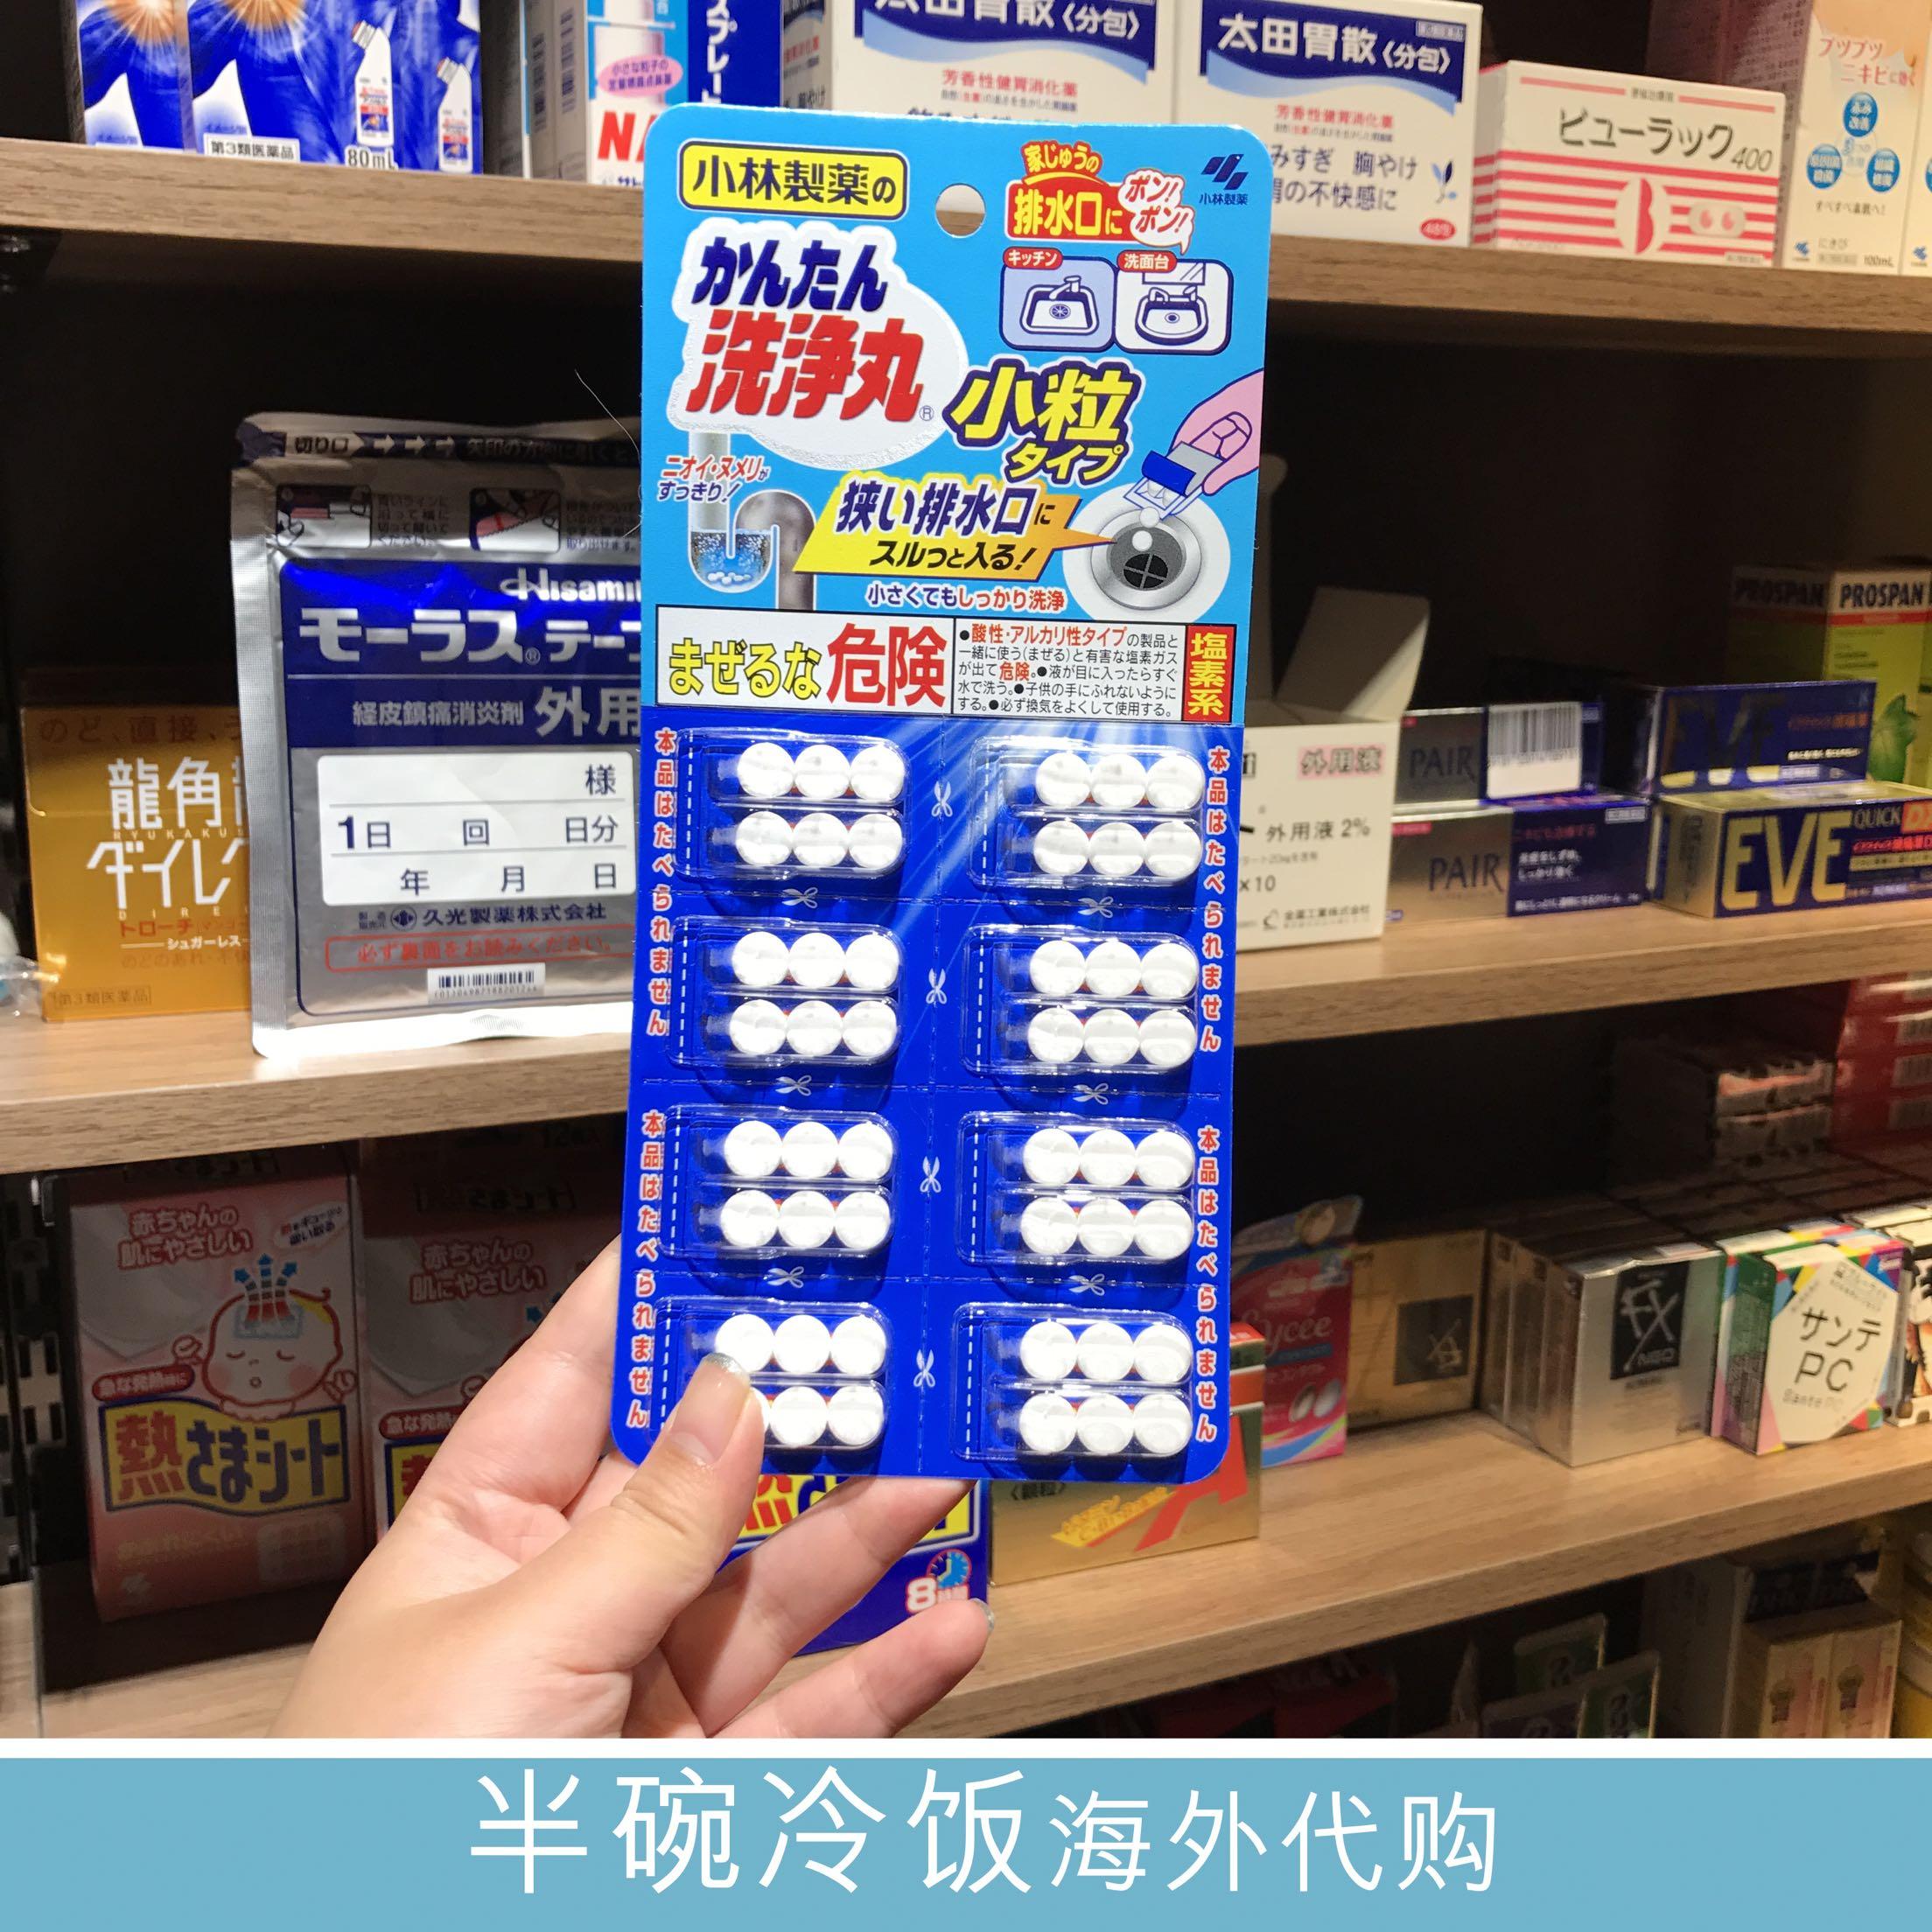 La tubería de drenaje drenaje cloacas del japonés Kobayashi Pharmaceutical nativo de desodorantes de agente agente de dragado y limpieza de la píldora